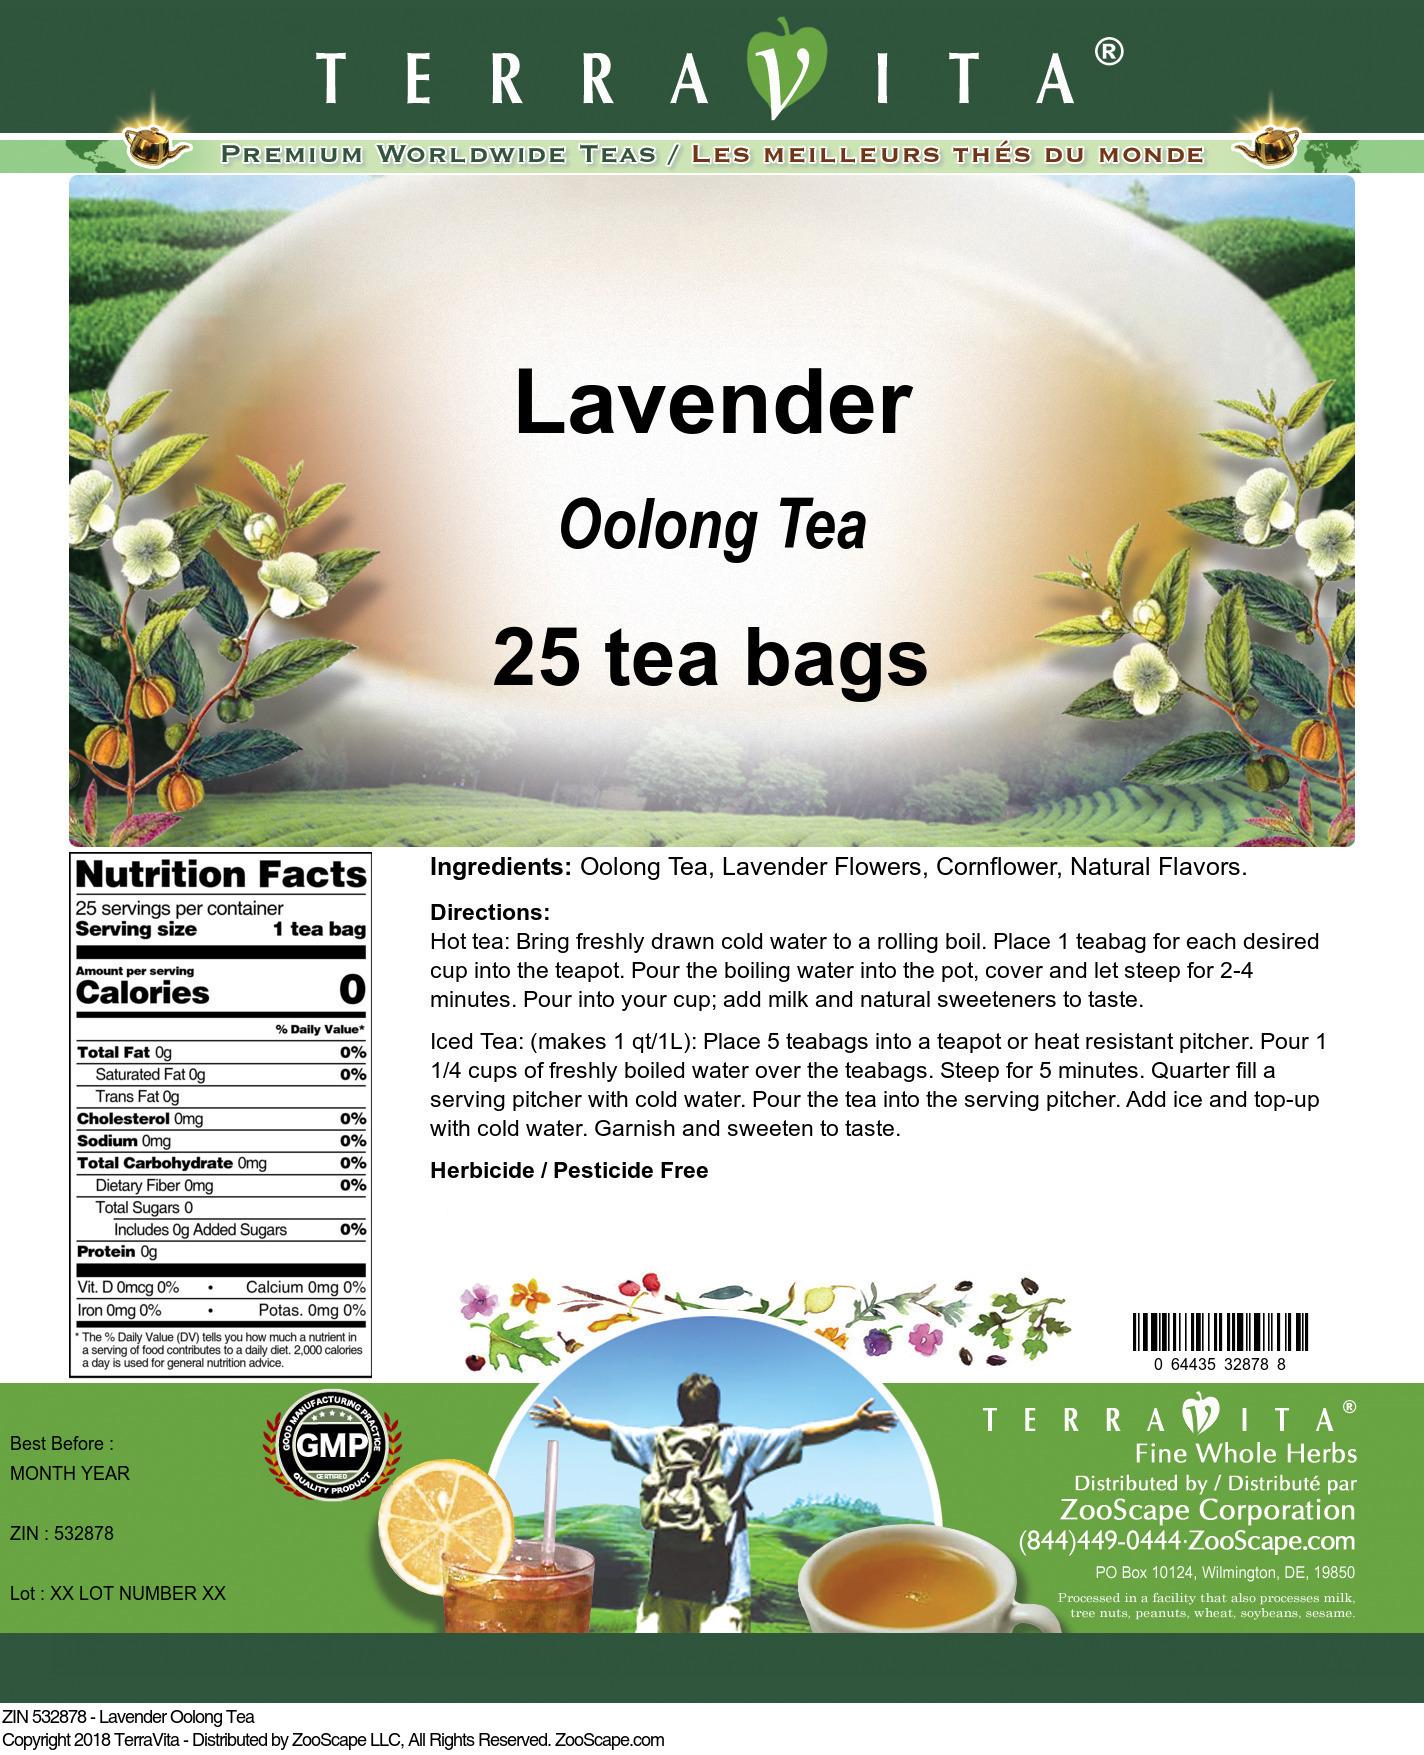 Lavender Oolong Tea